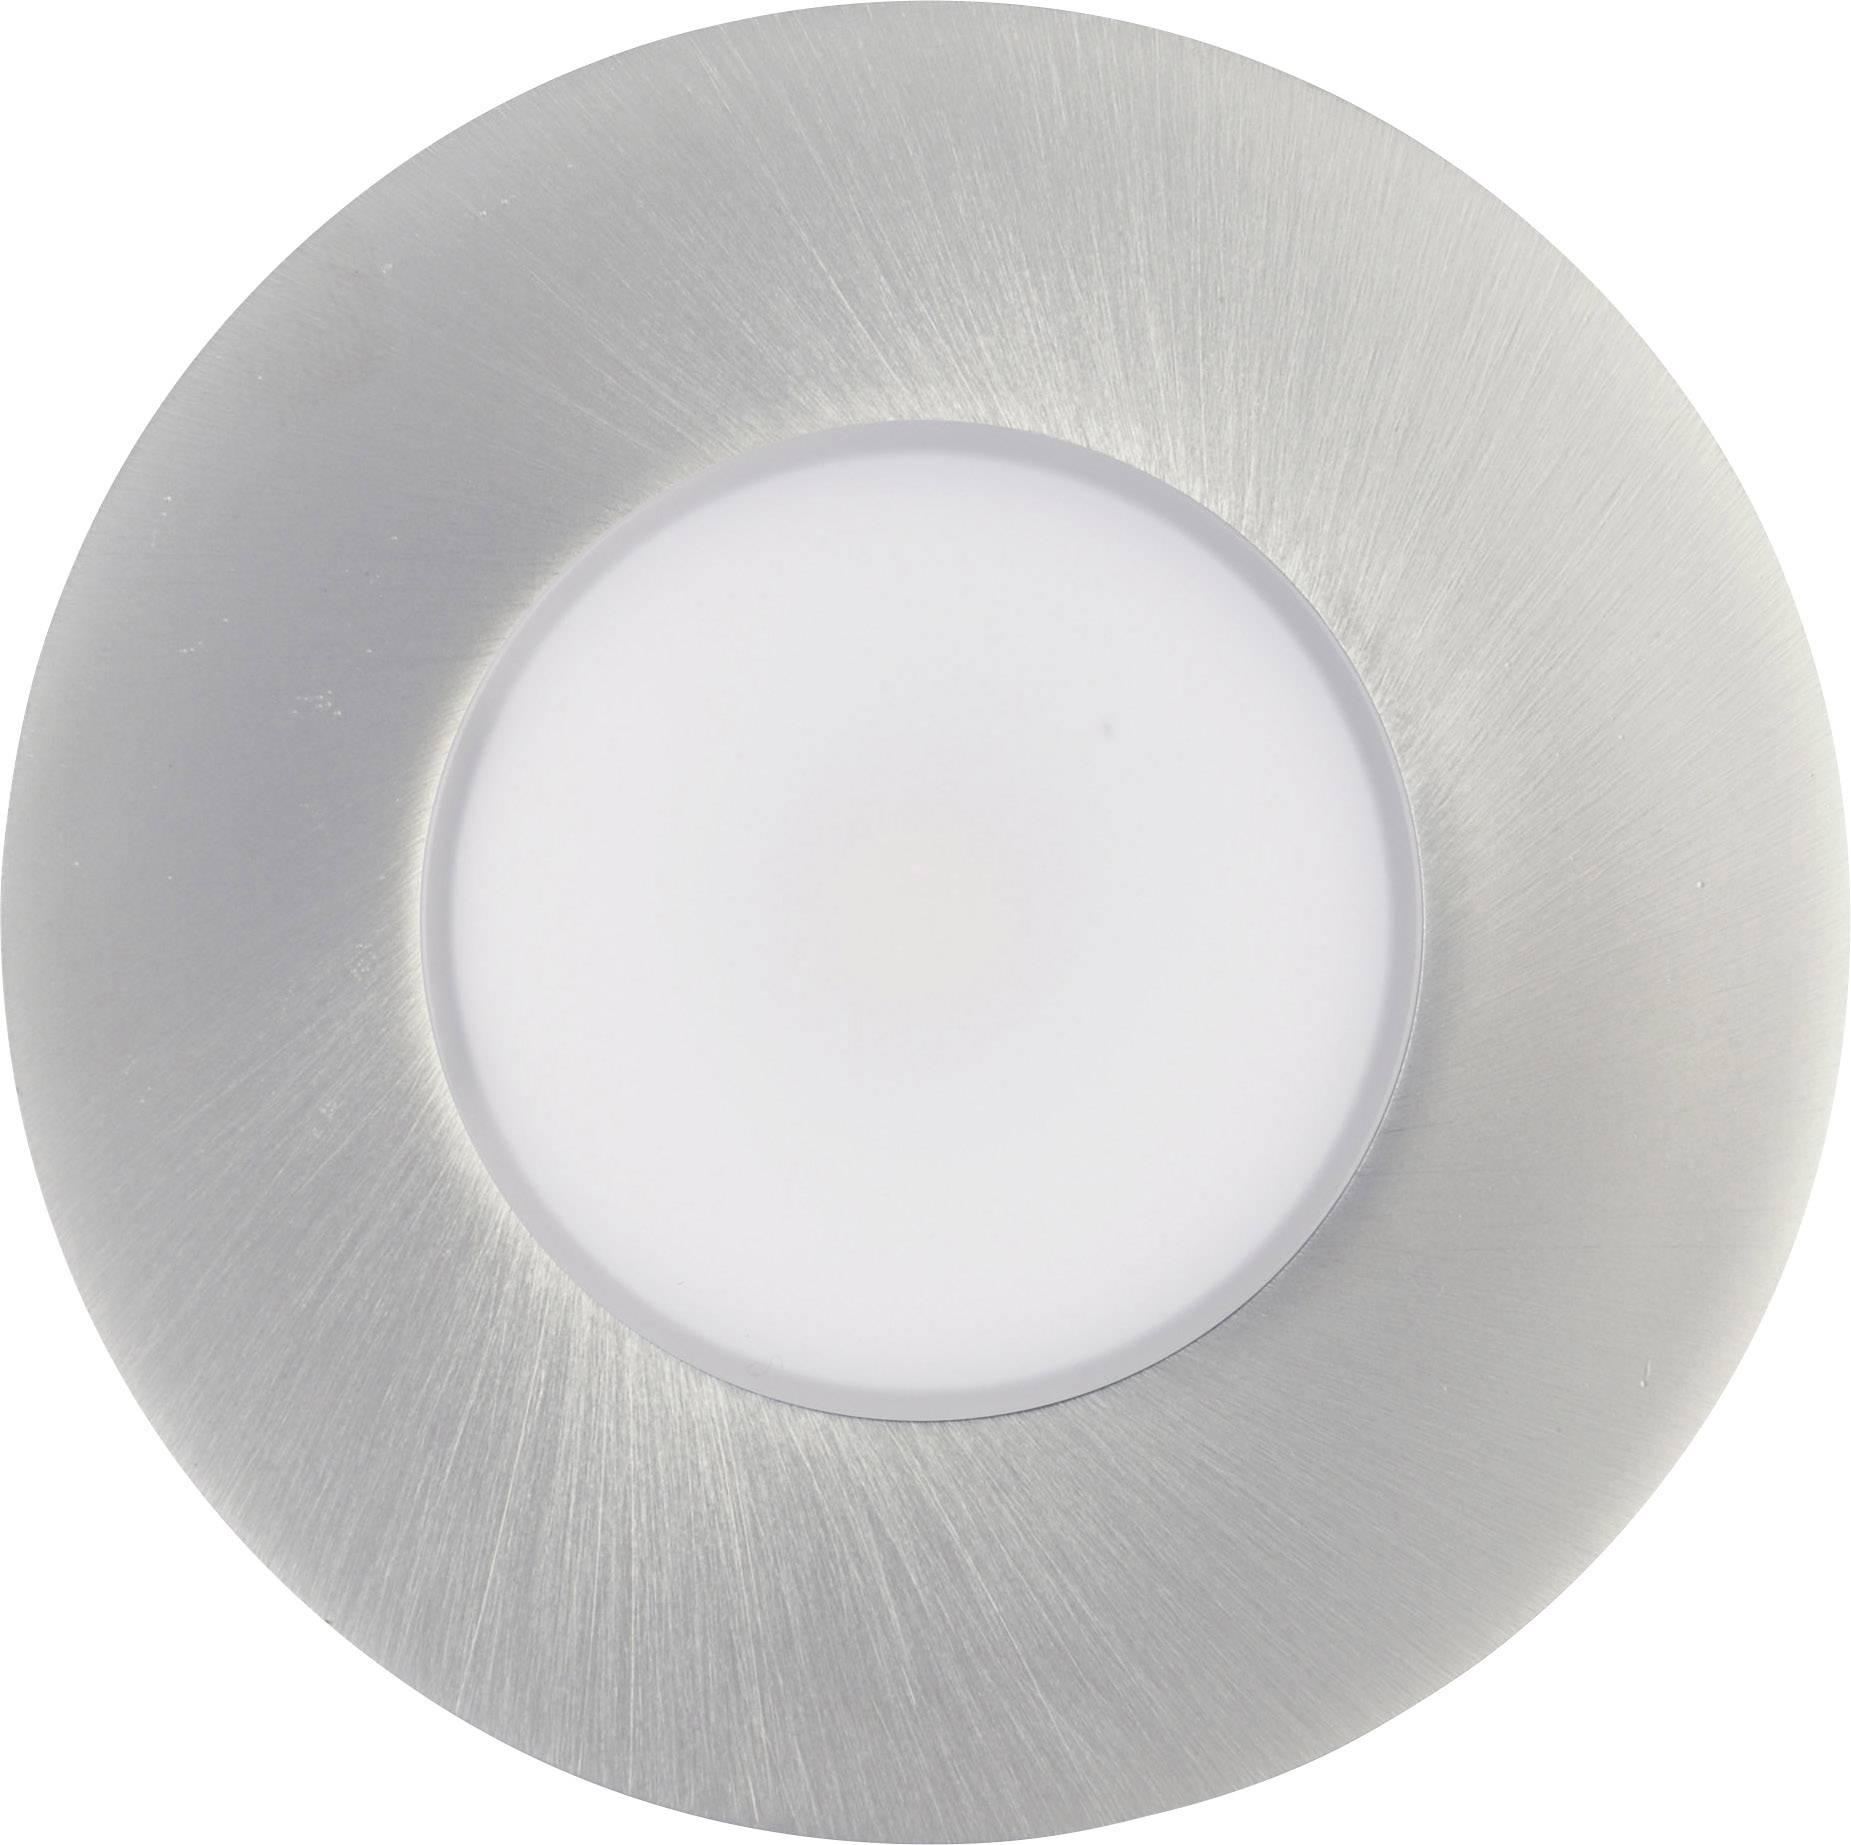 LED vstavané svetlo TLT International Prima LT1245017 5.5 W teplá biela hliník